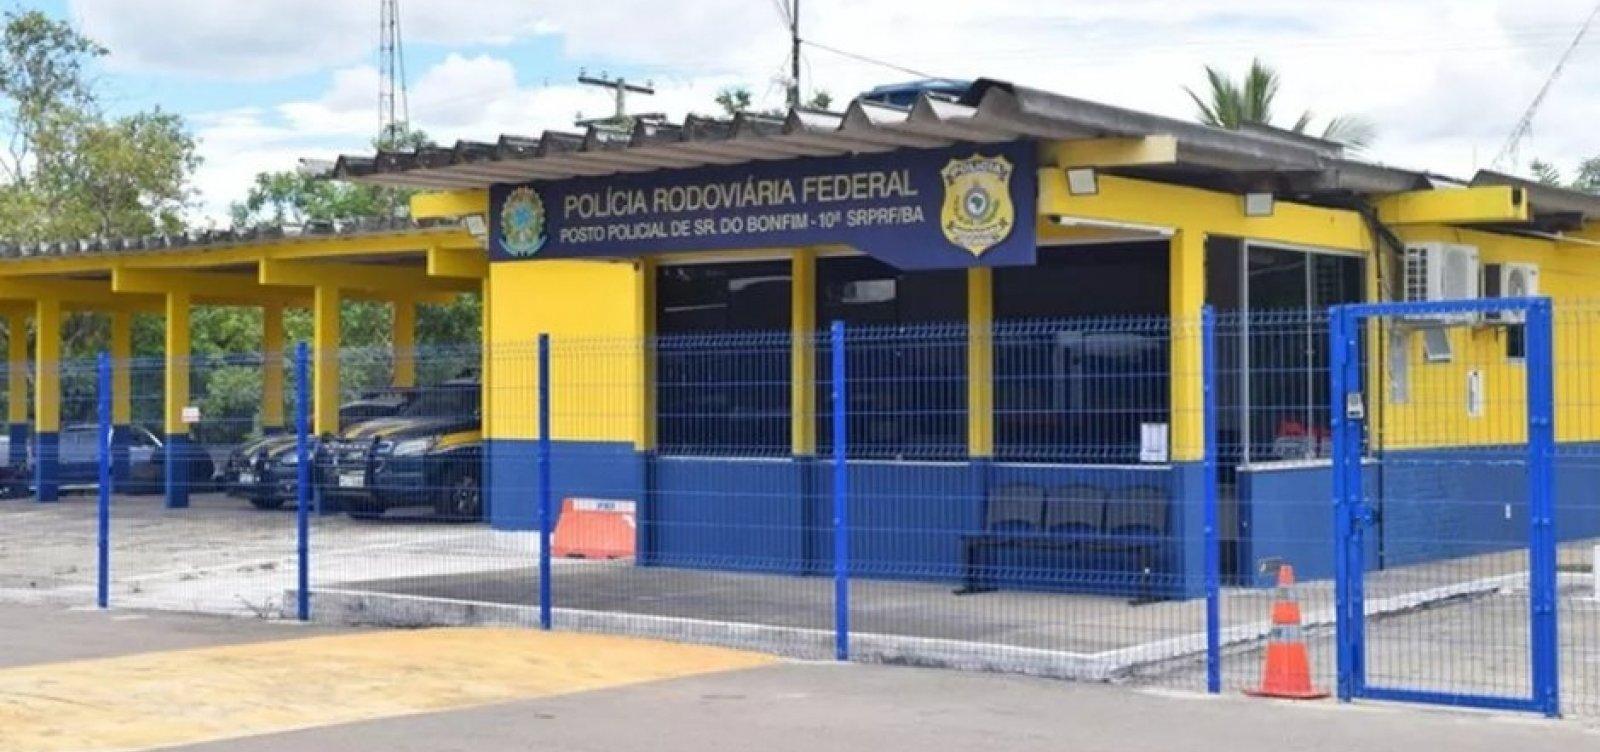 Suspeitos de aplicar golpe do 'cartão' em aposentados no Piauí são presos em rodovia baiana